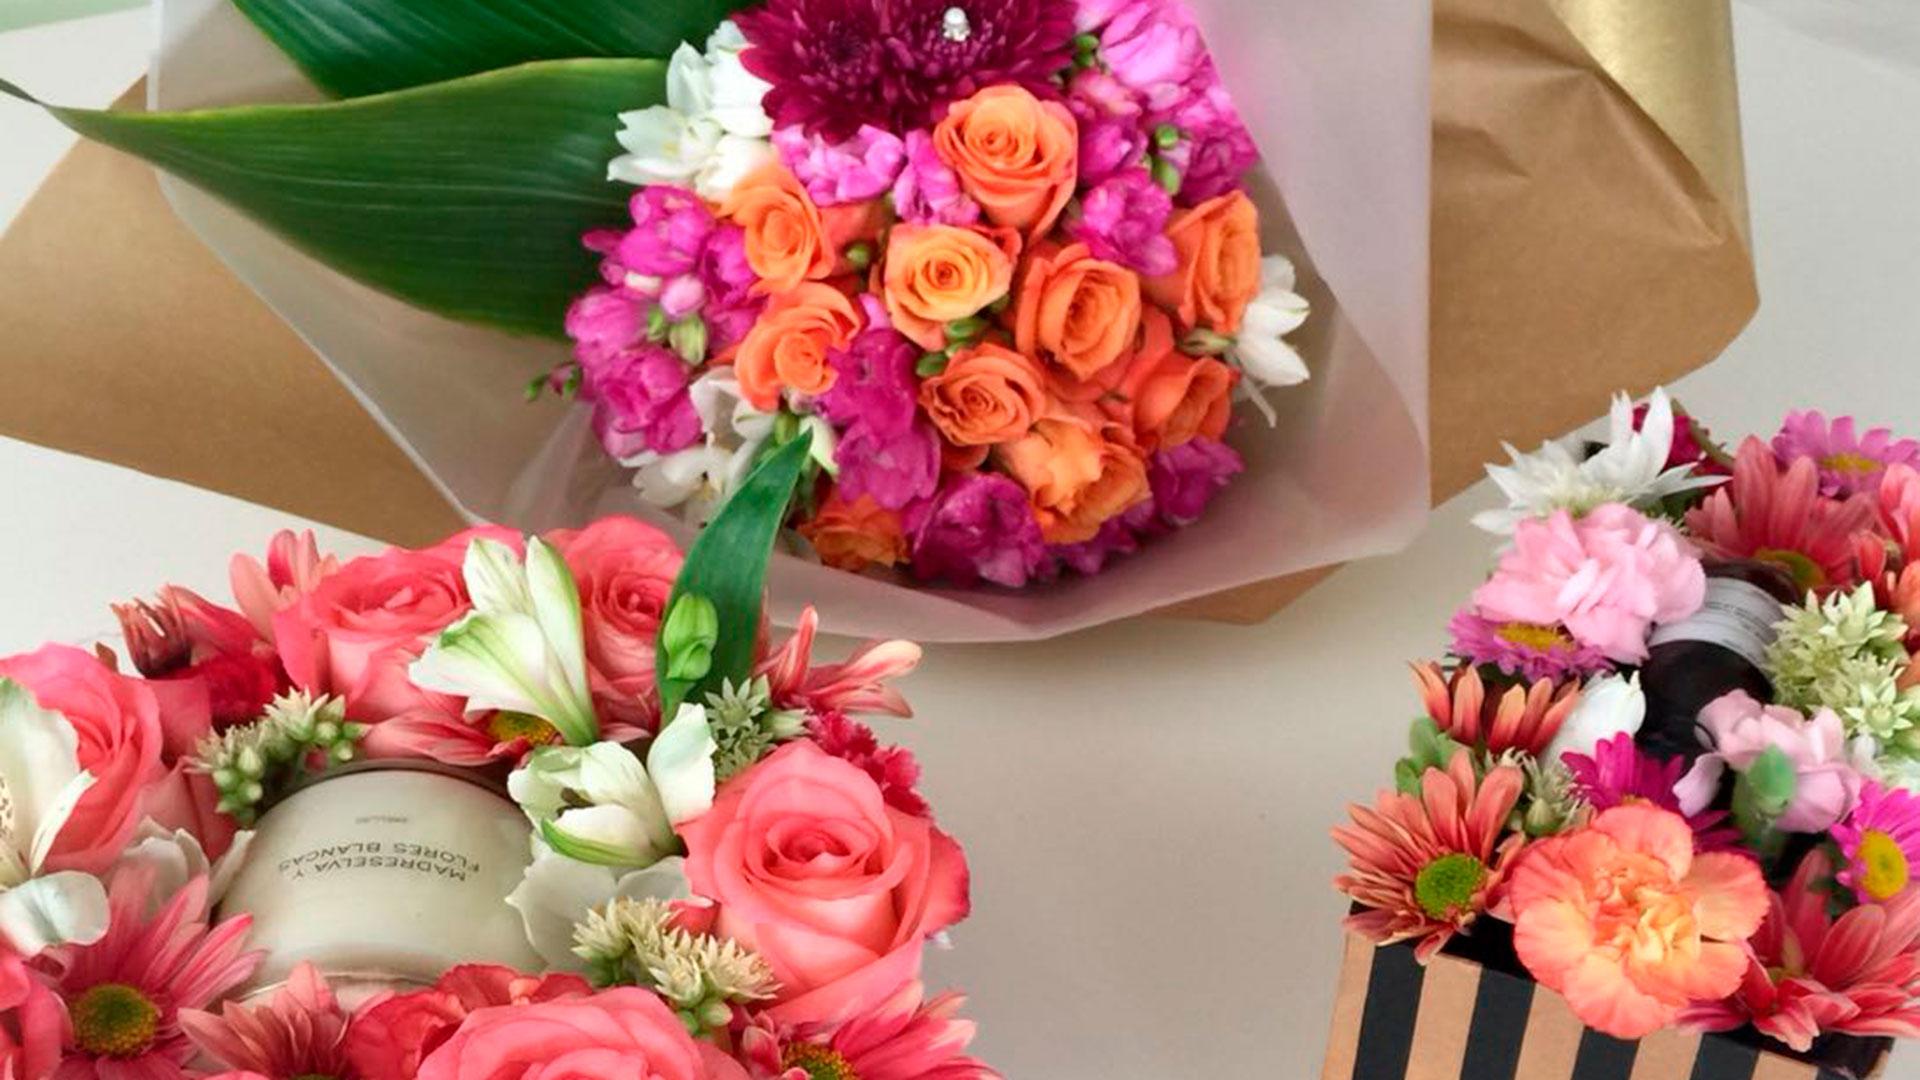 Flores Y Algo Más Una Manera Diferente Para Homenajear A